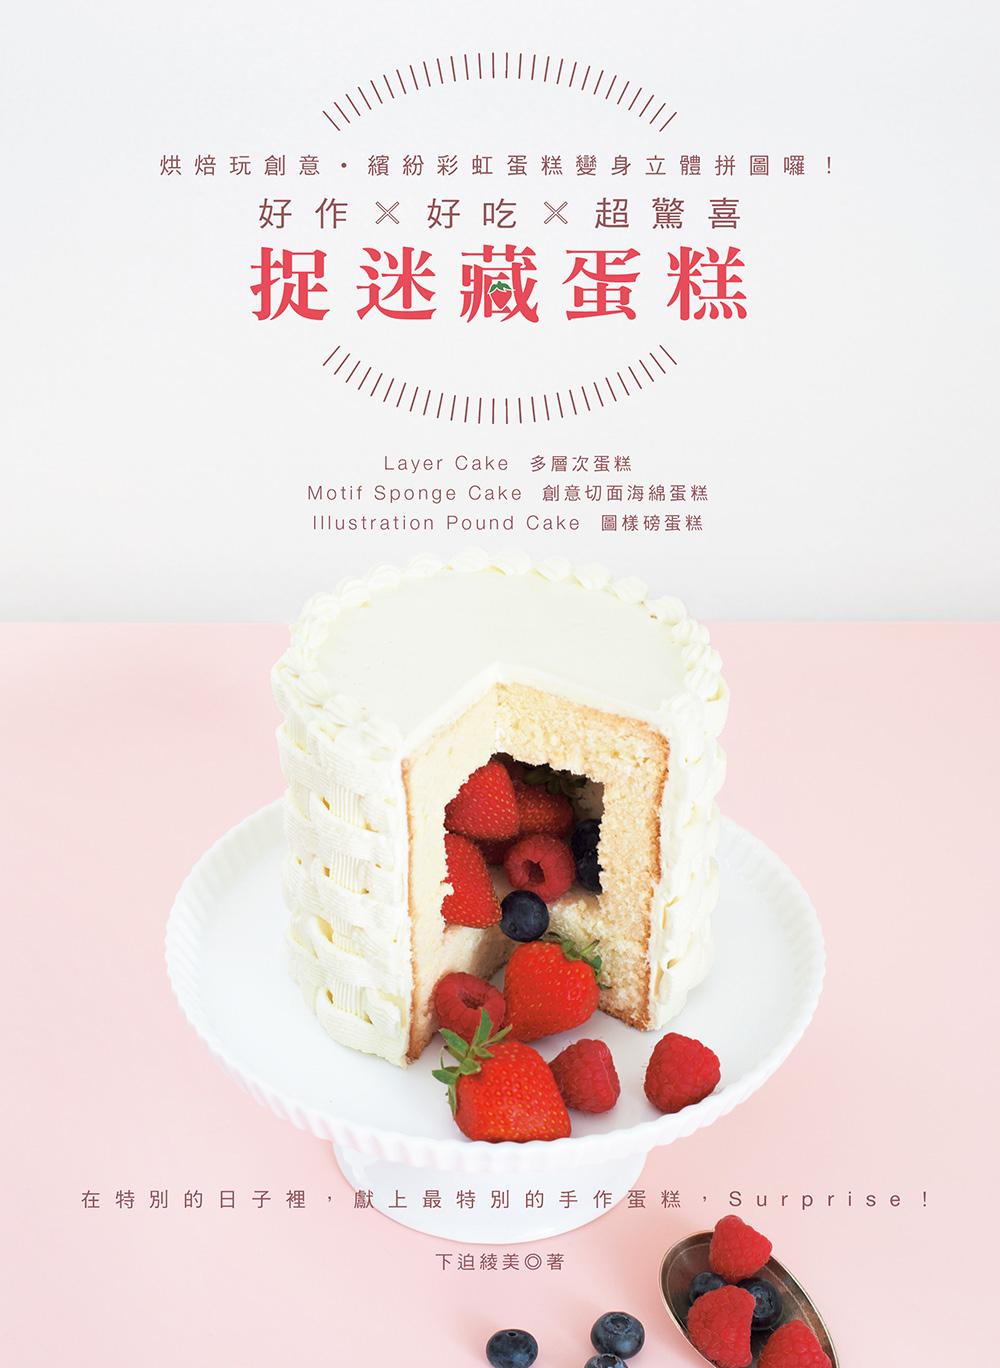 ◤博客來BOOKS◢ 暢銷書榜《推薦》好作×好吃×超驚喜的捉迷藏蛋糕:創意.繽紛彩虹蛋糕變身立體拼圖囉!